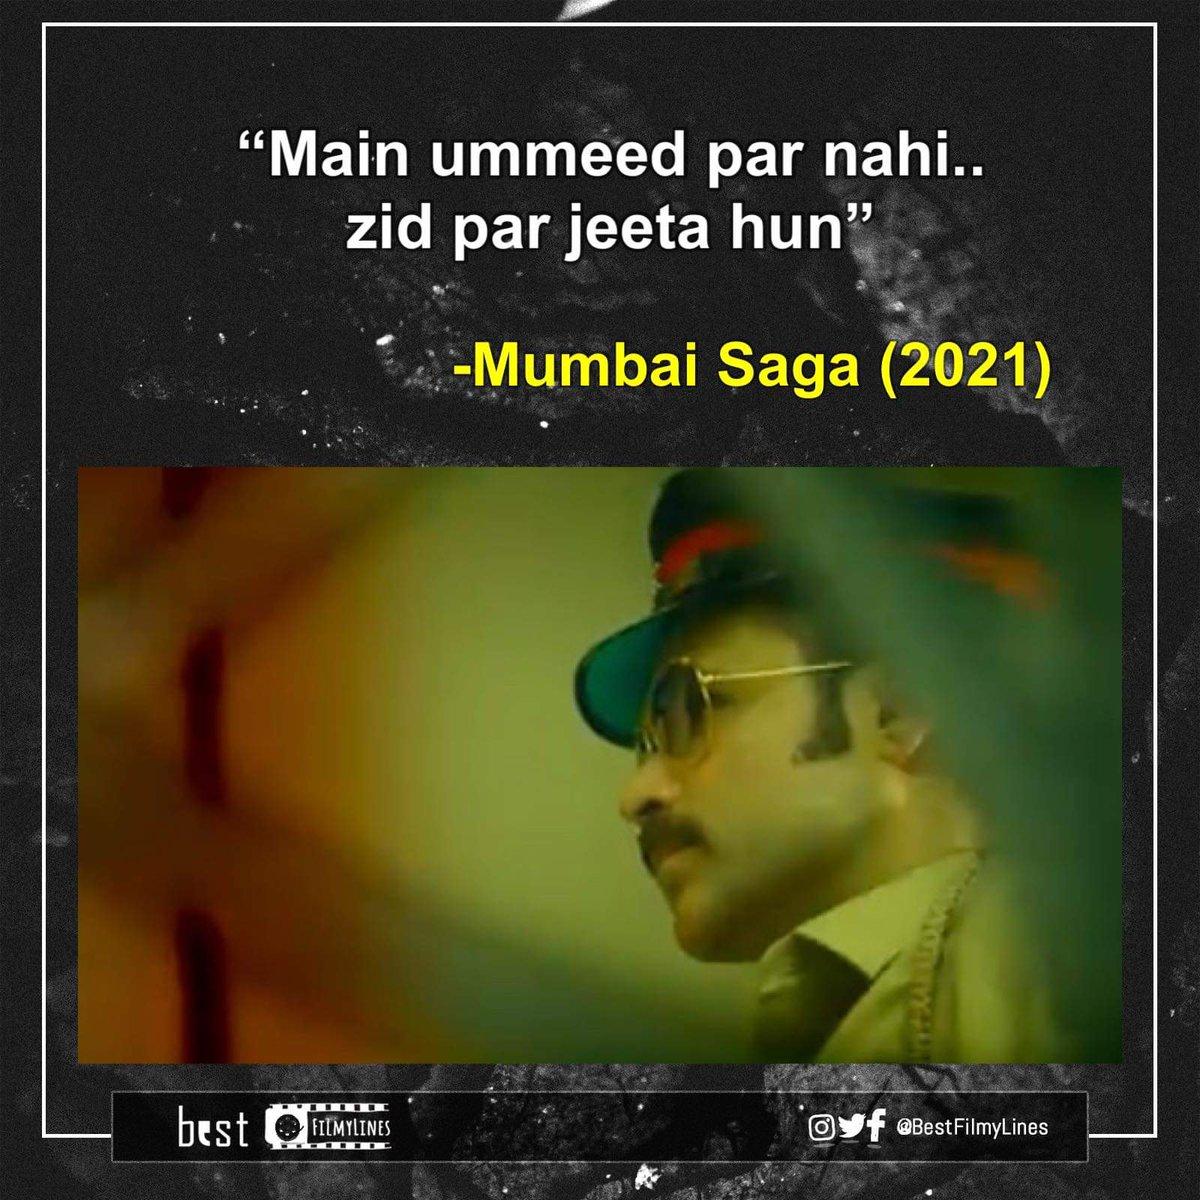 -Mumbai Saga (2021), dir. Sanjay Gupta  #bollywood #bollywoodmovie #bollywoodmovies #bollywooddialogue #indiancinema #hindi #hindimovie #dialogue #dialogues #quote #quotes #rvcjinsta #bestfilmylines #mumbaisaga #sanjaygupta #emraanhashmi